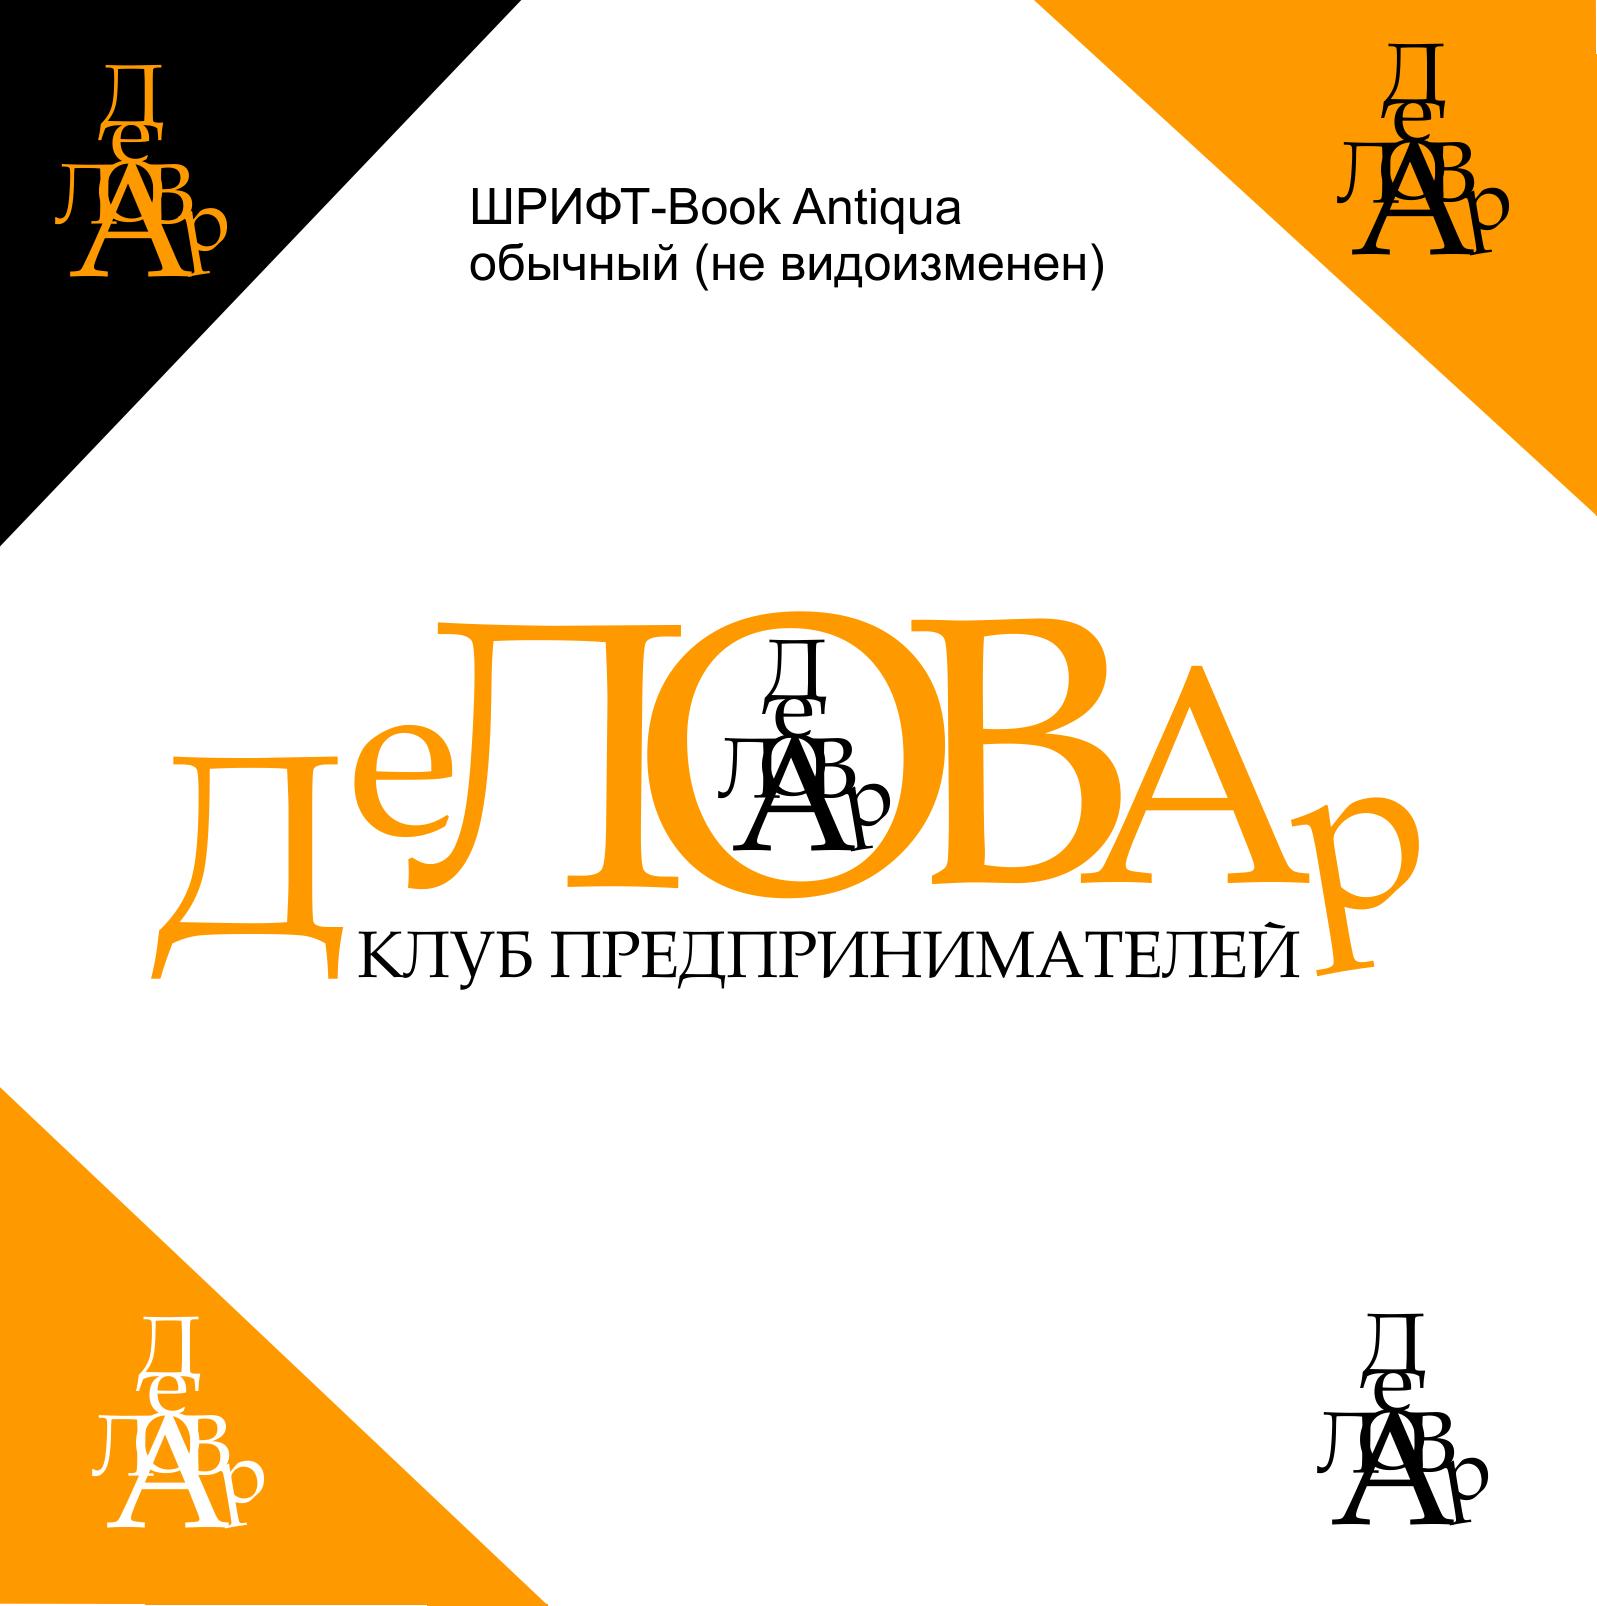 """Логотип и фирм. стиль для Клуба предпринимателей """"Деловар"""" фото f_5046adbd9a40b.png"""